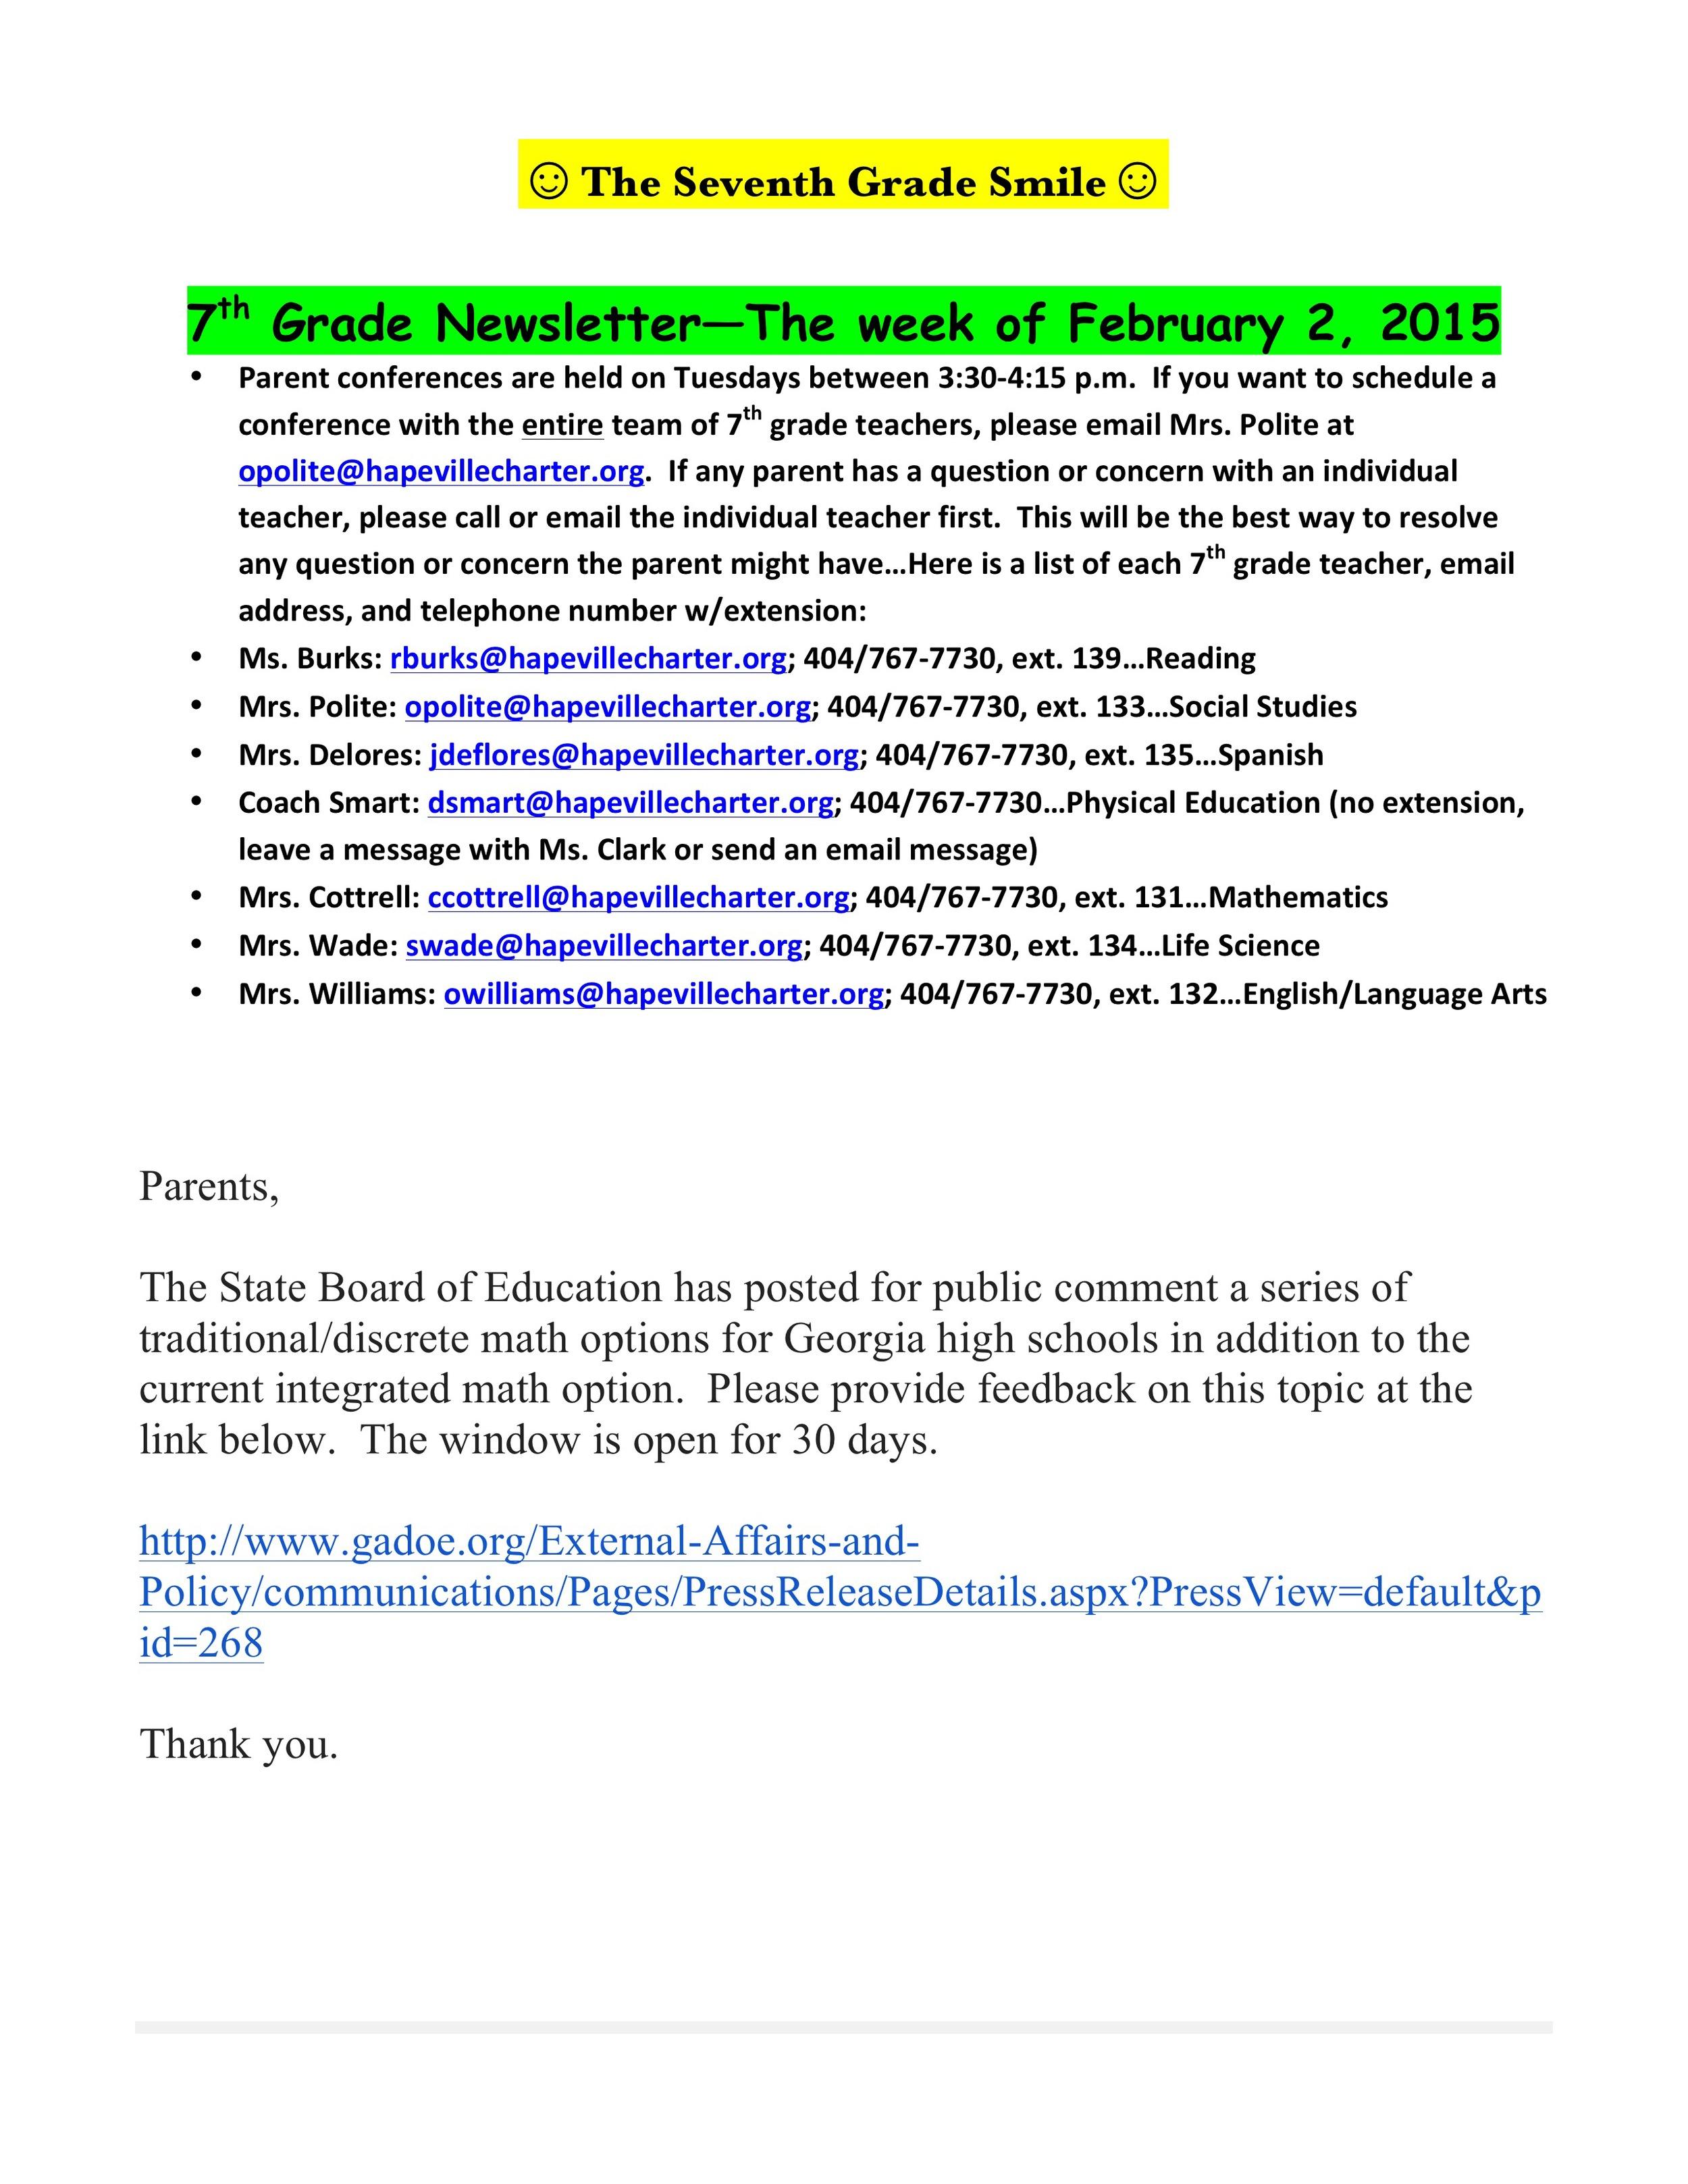 Newsletter Image7th grade February 2 2015.jpeg